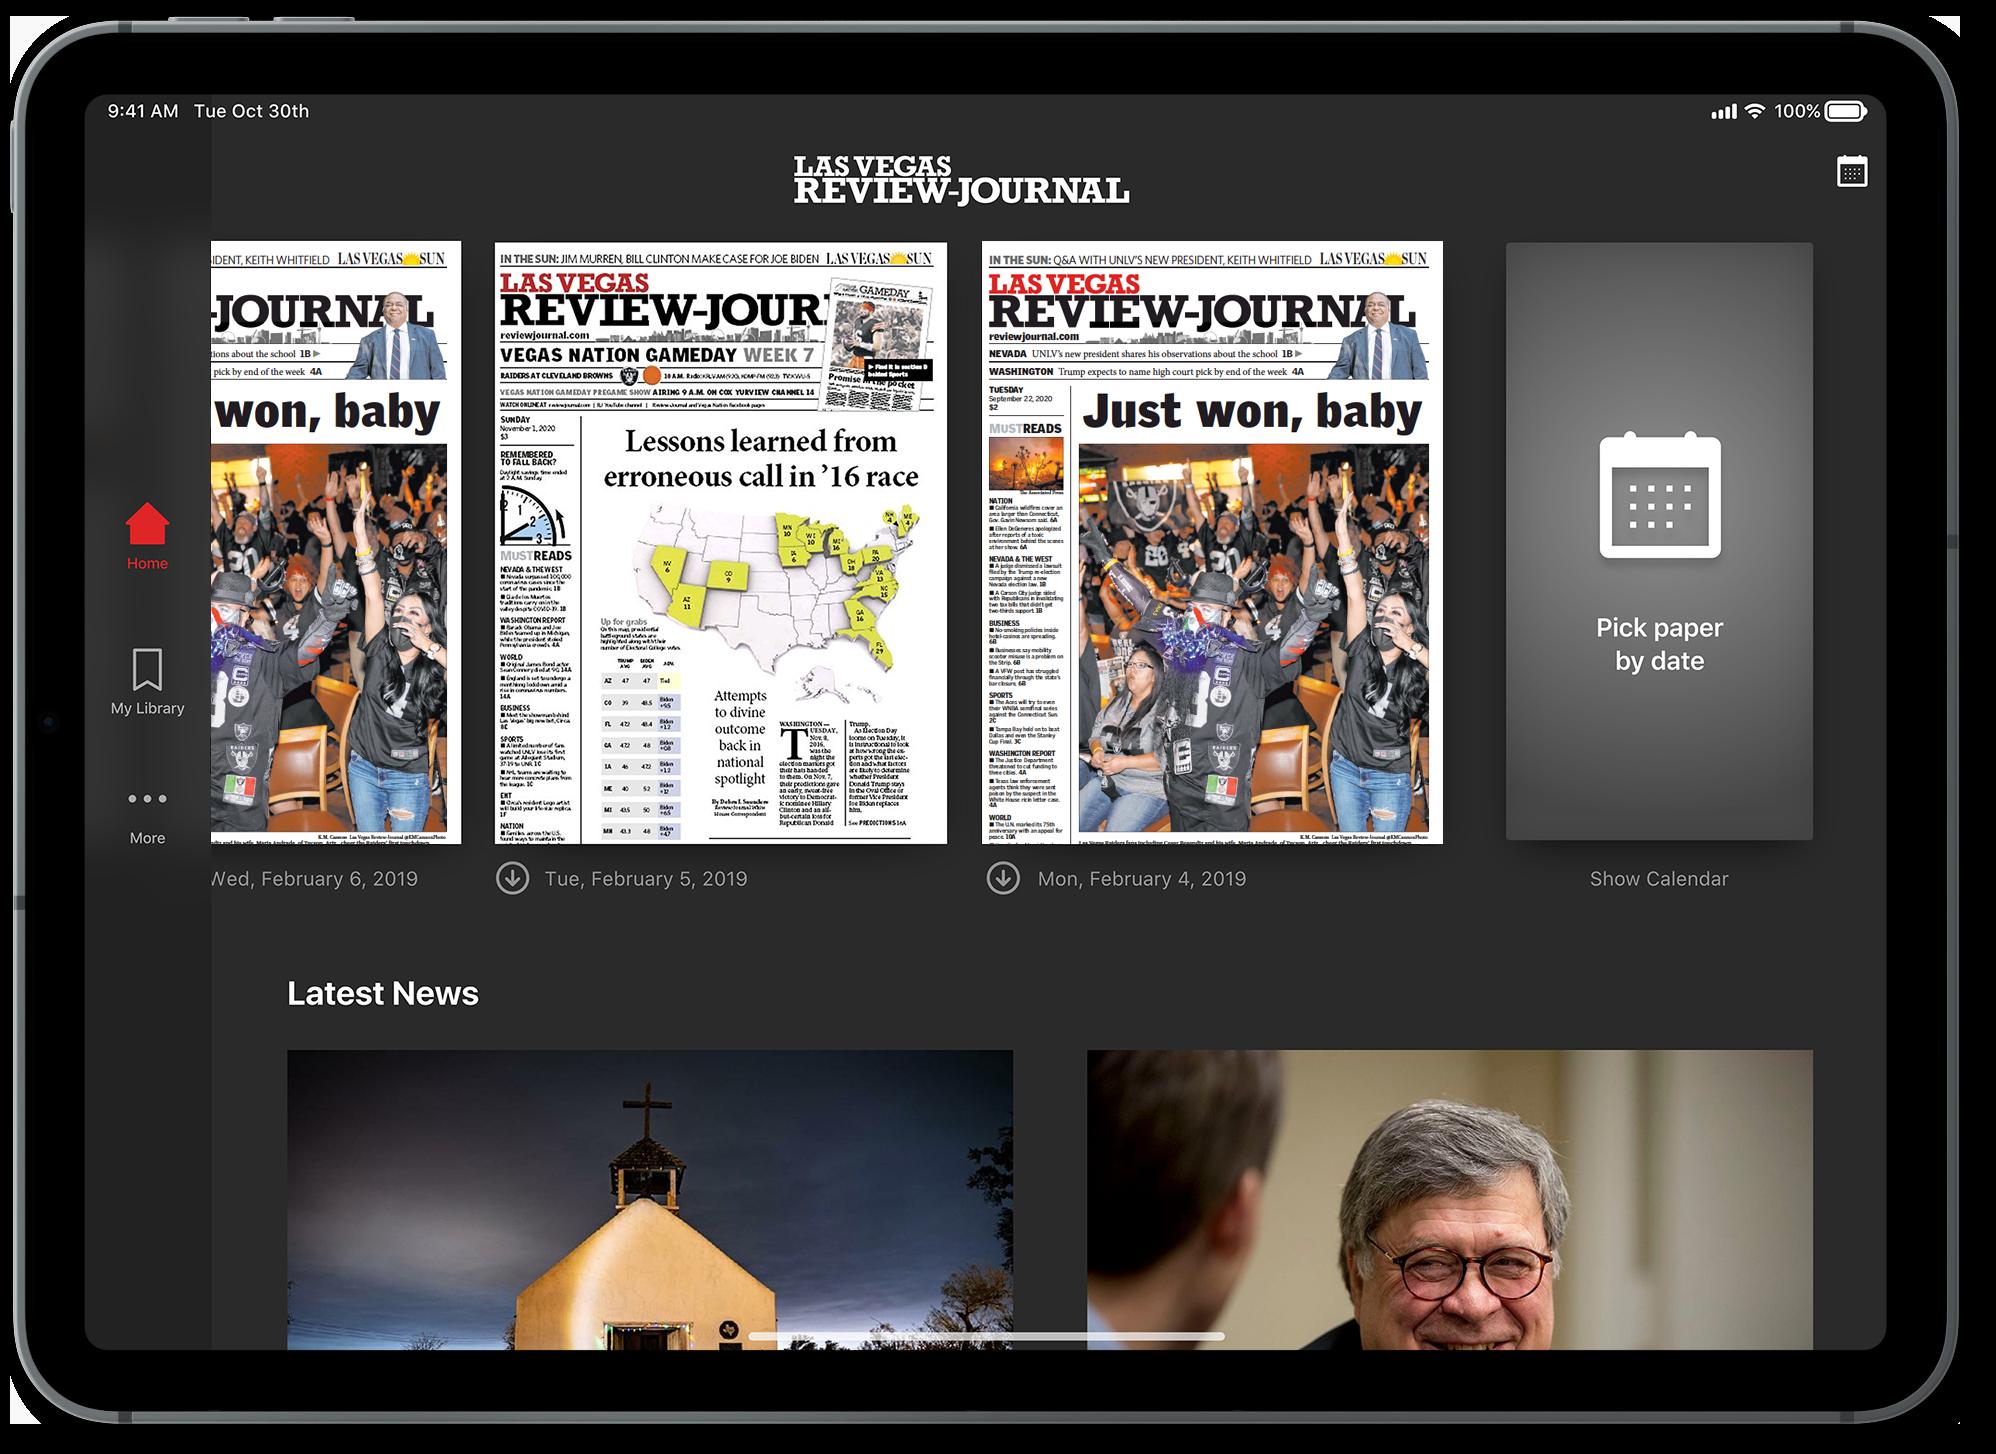 Las Vegas Review-Journal E-Edition tablet app